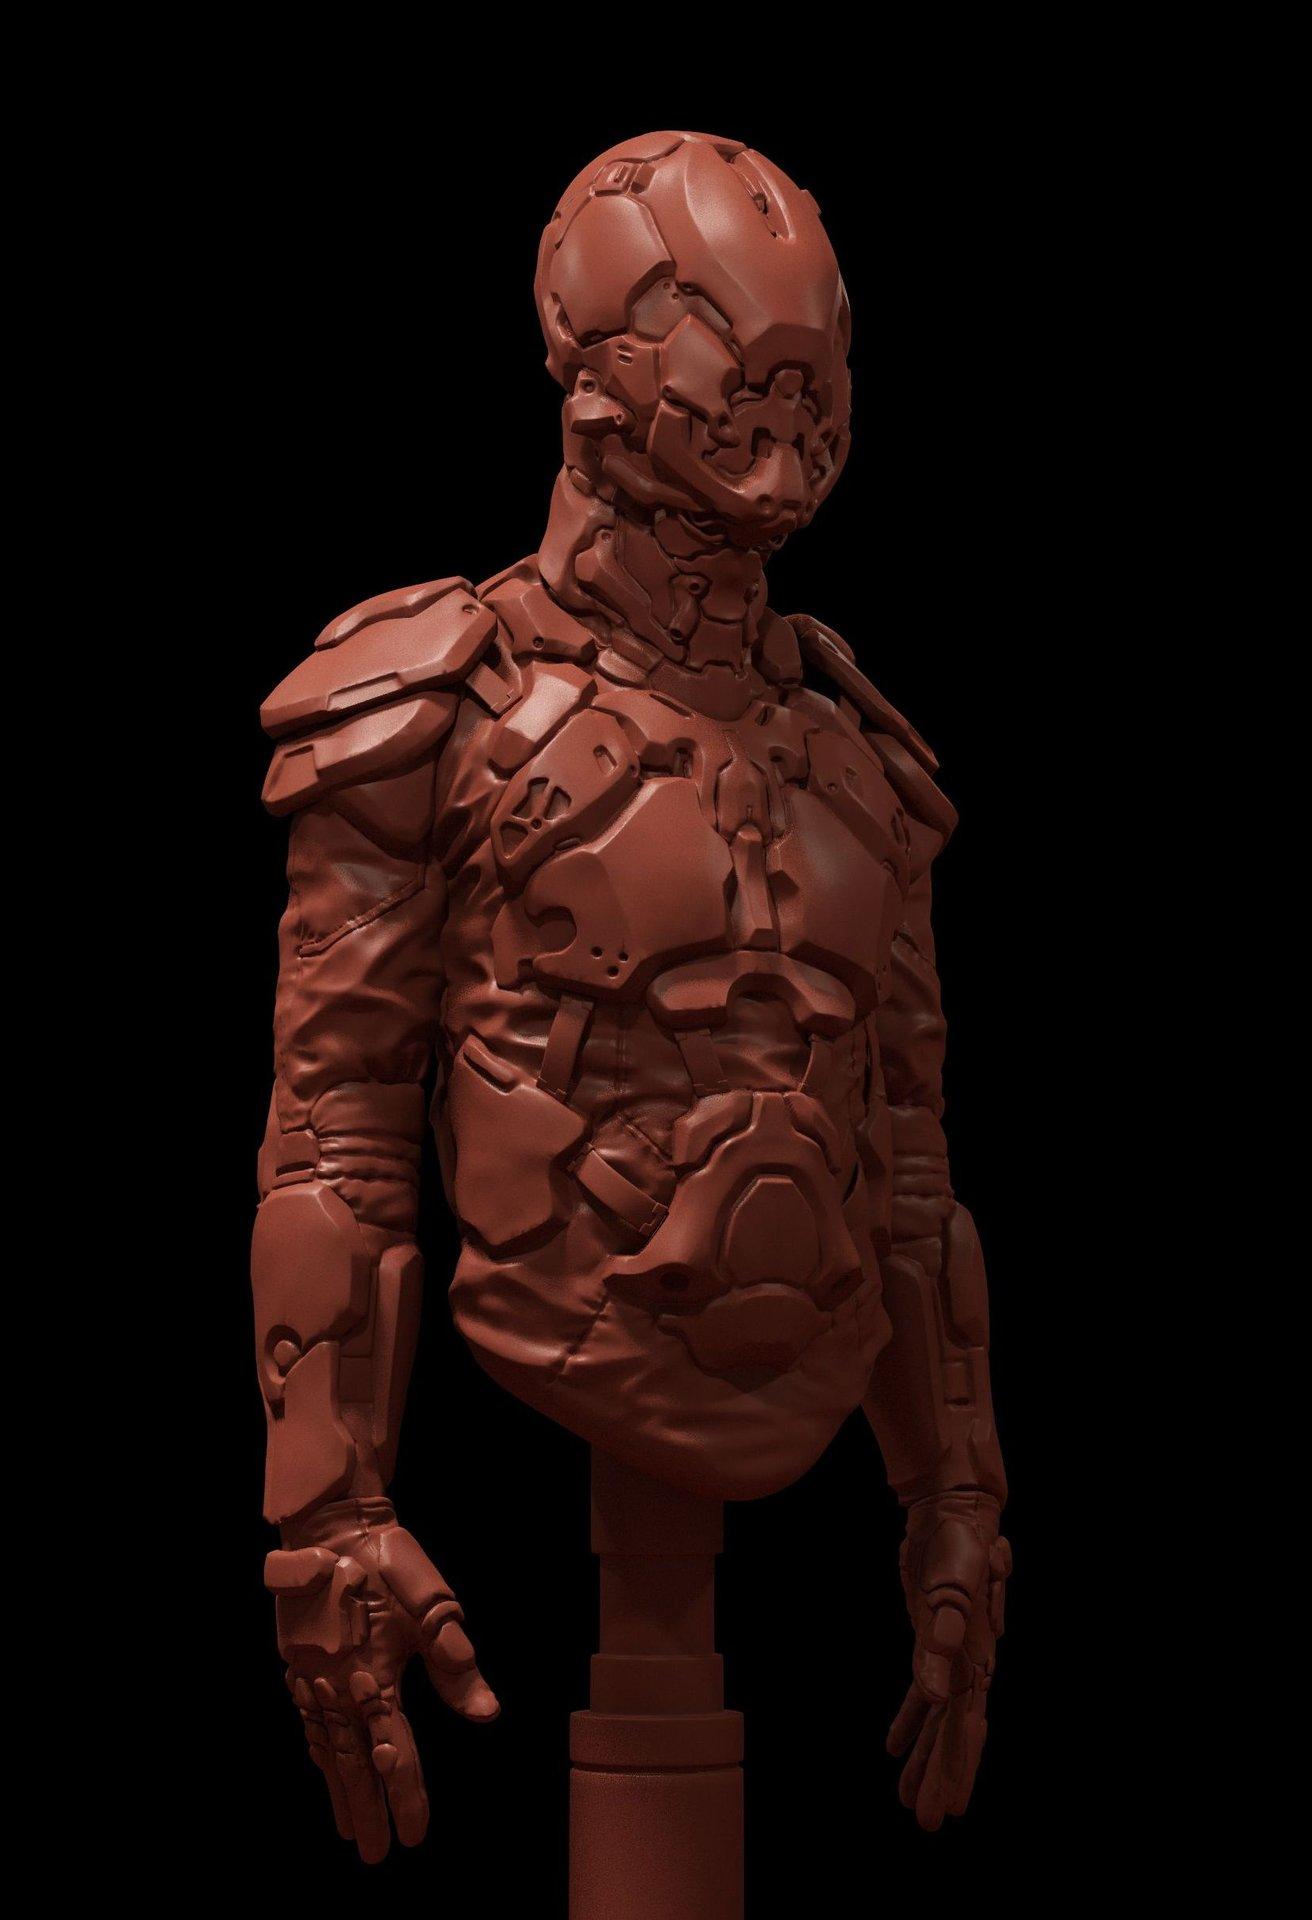 Daniel bystedt scifi armor 0003